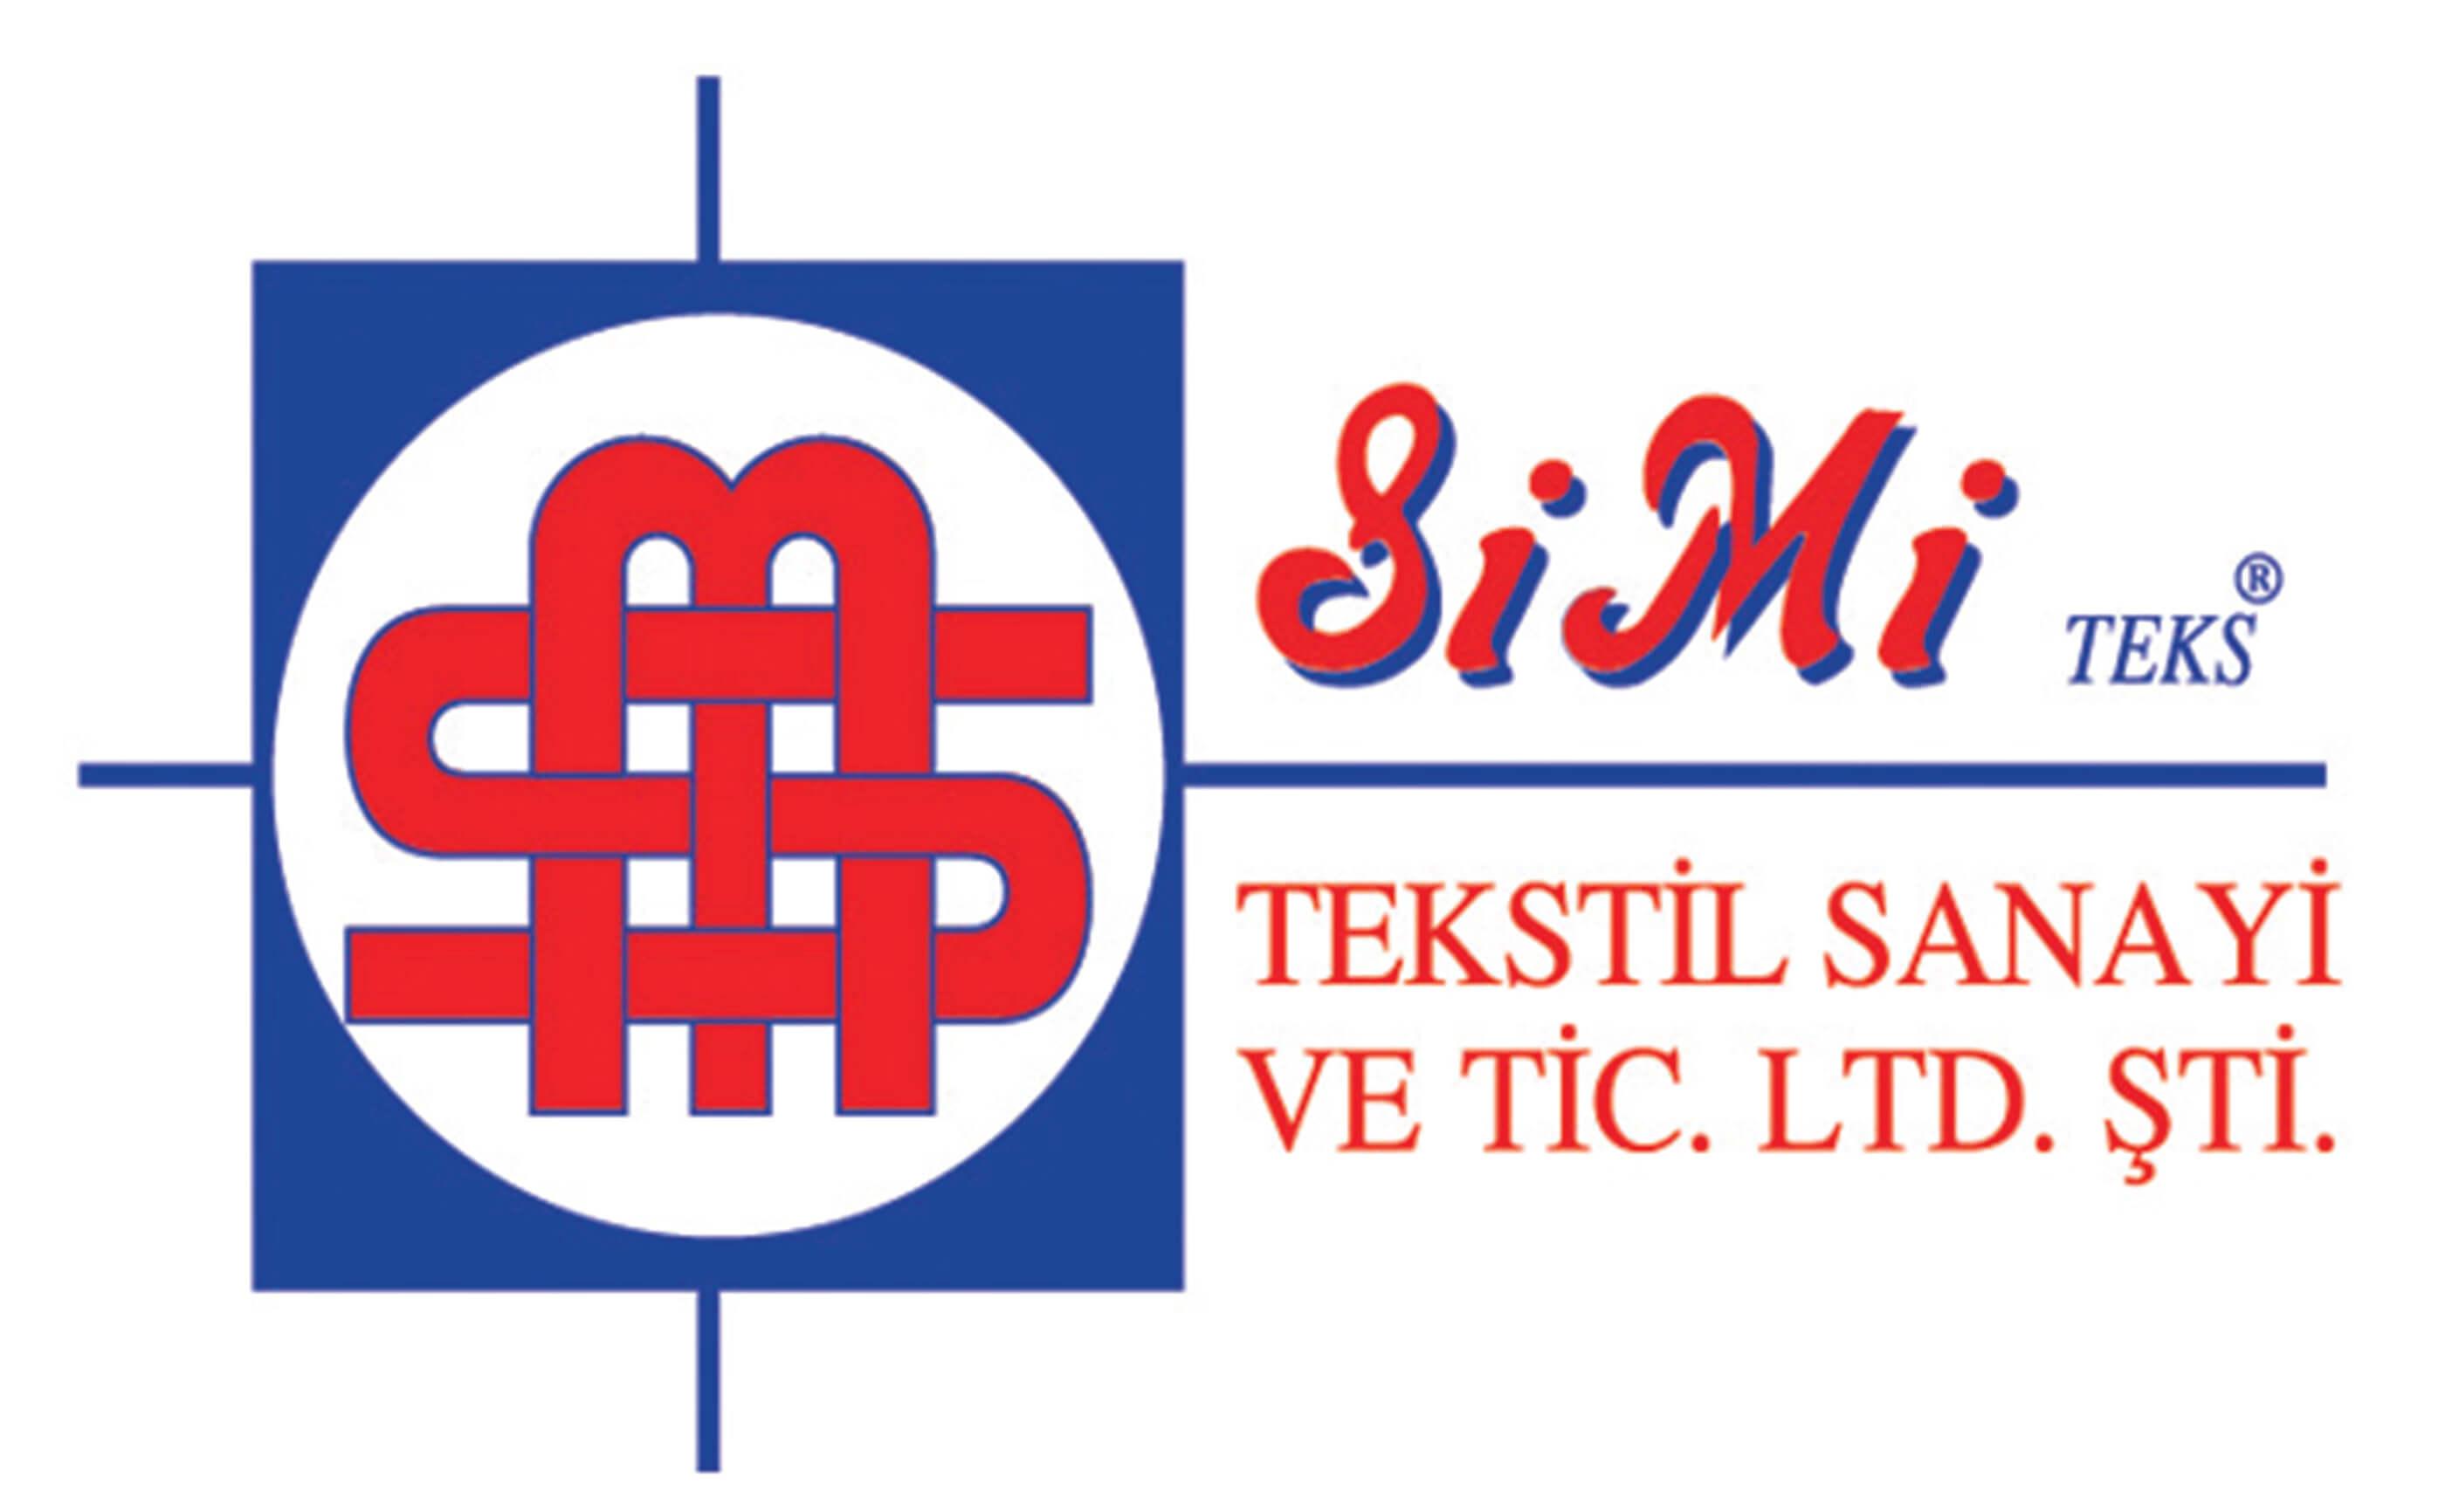 SİMİTEKS TEKSTİL SANAYİ VE TİC.LTD. ŞTİ.